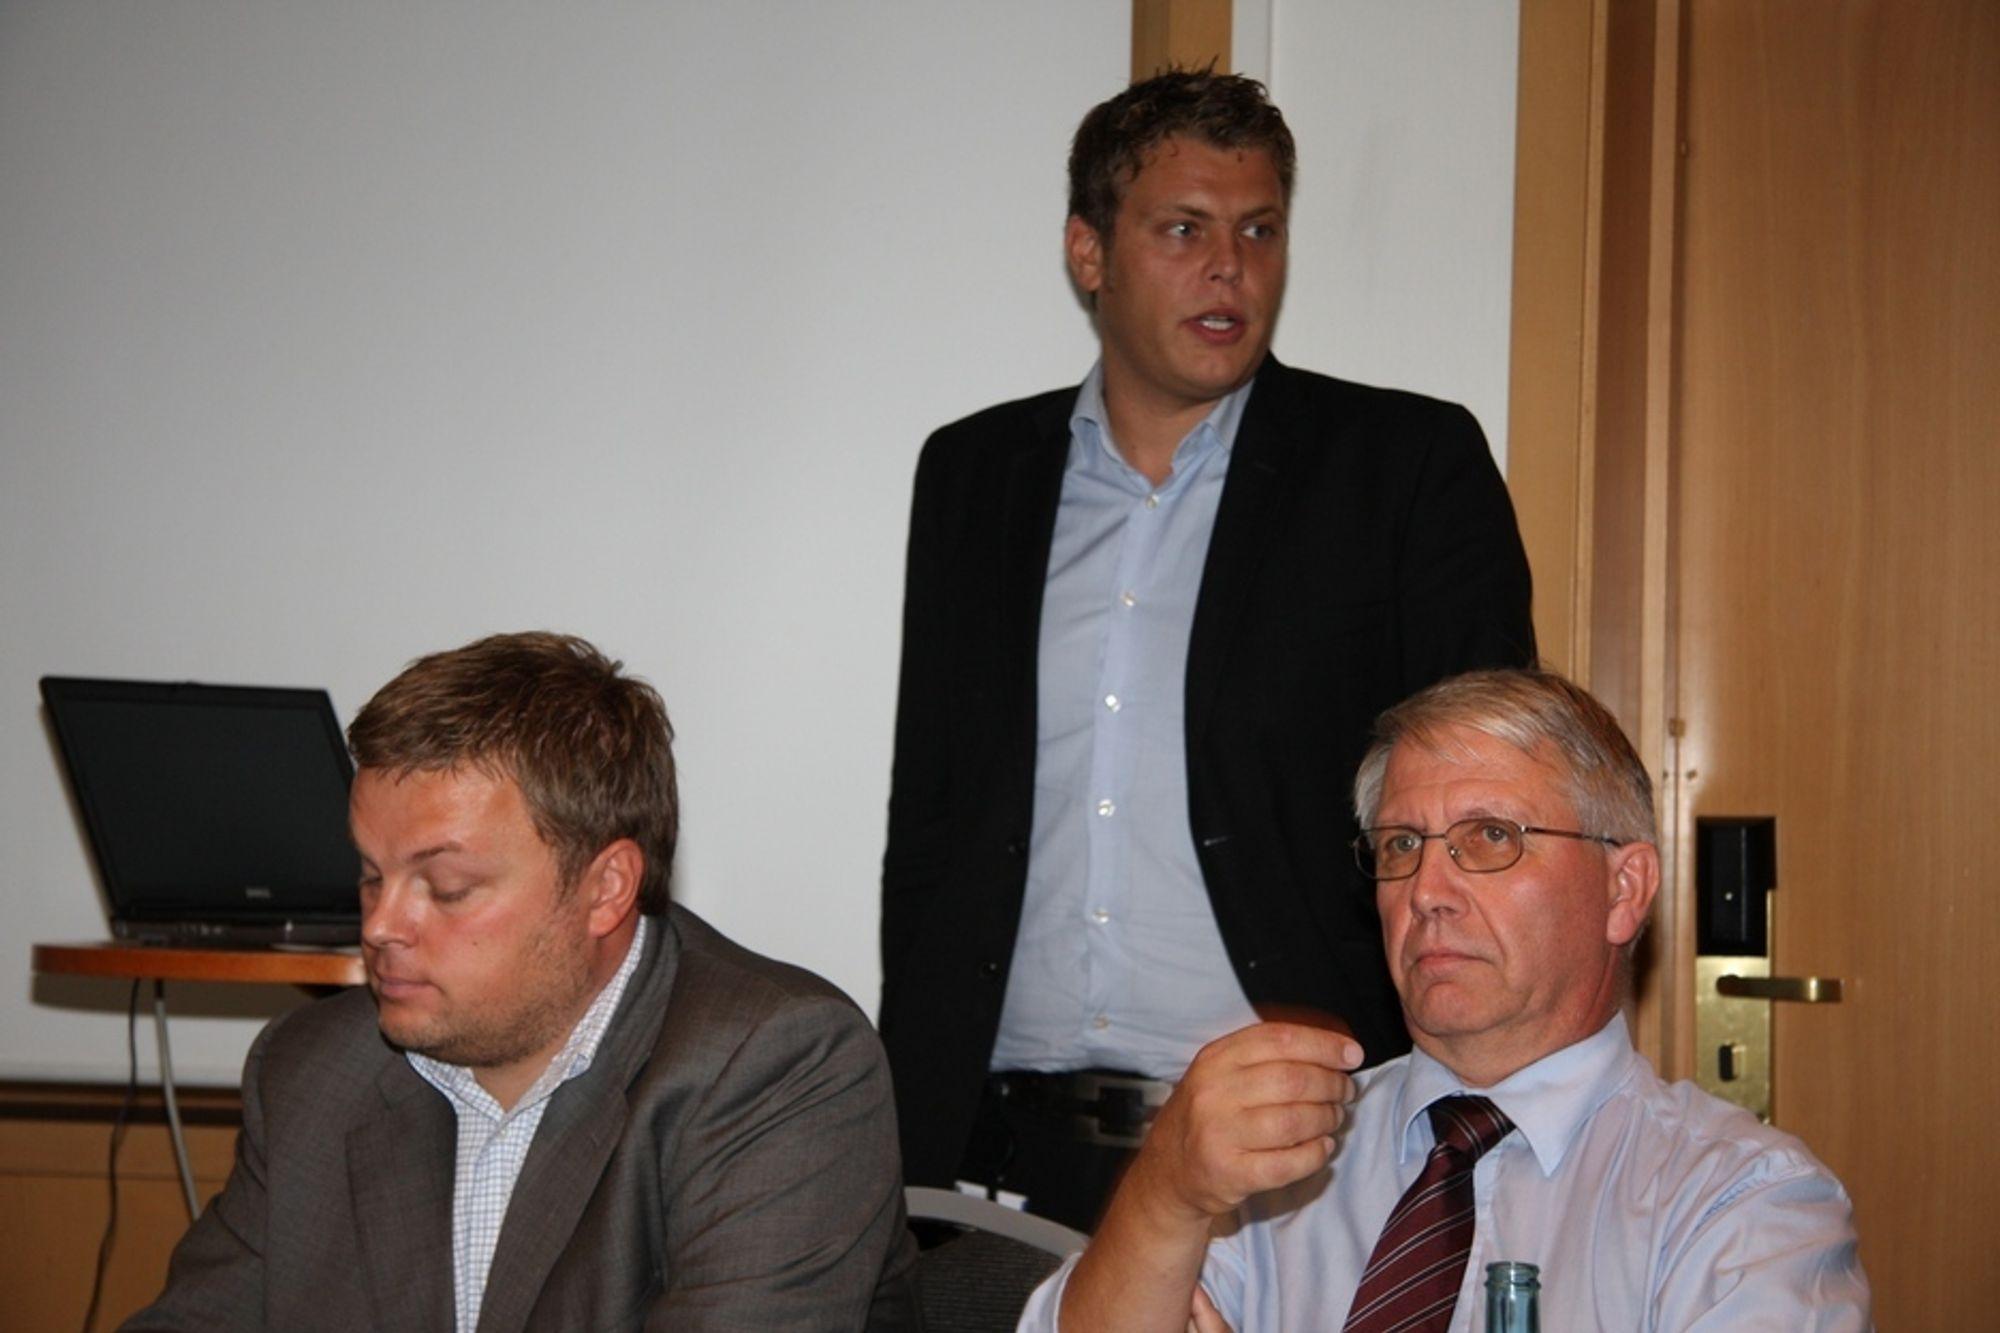 GIR BILISTENE REGNINGEN: Sekretariatsleder for Oslopakke 3, Henrik Berg, samferdselsbyråd i Oslo, Jøran Kallmyr og vegdirektør Terje Moe Gustavsen (fra venstre) la tidligere i dag frem forslag til handlingsprogram for Oslopakke 3 for perioden 2010-2013. Bomringen i Oslo skal finansiere over halvparten.